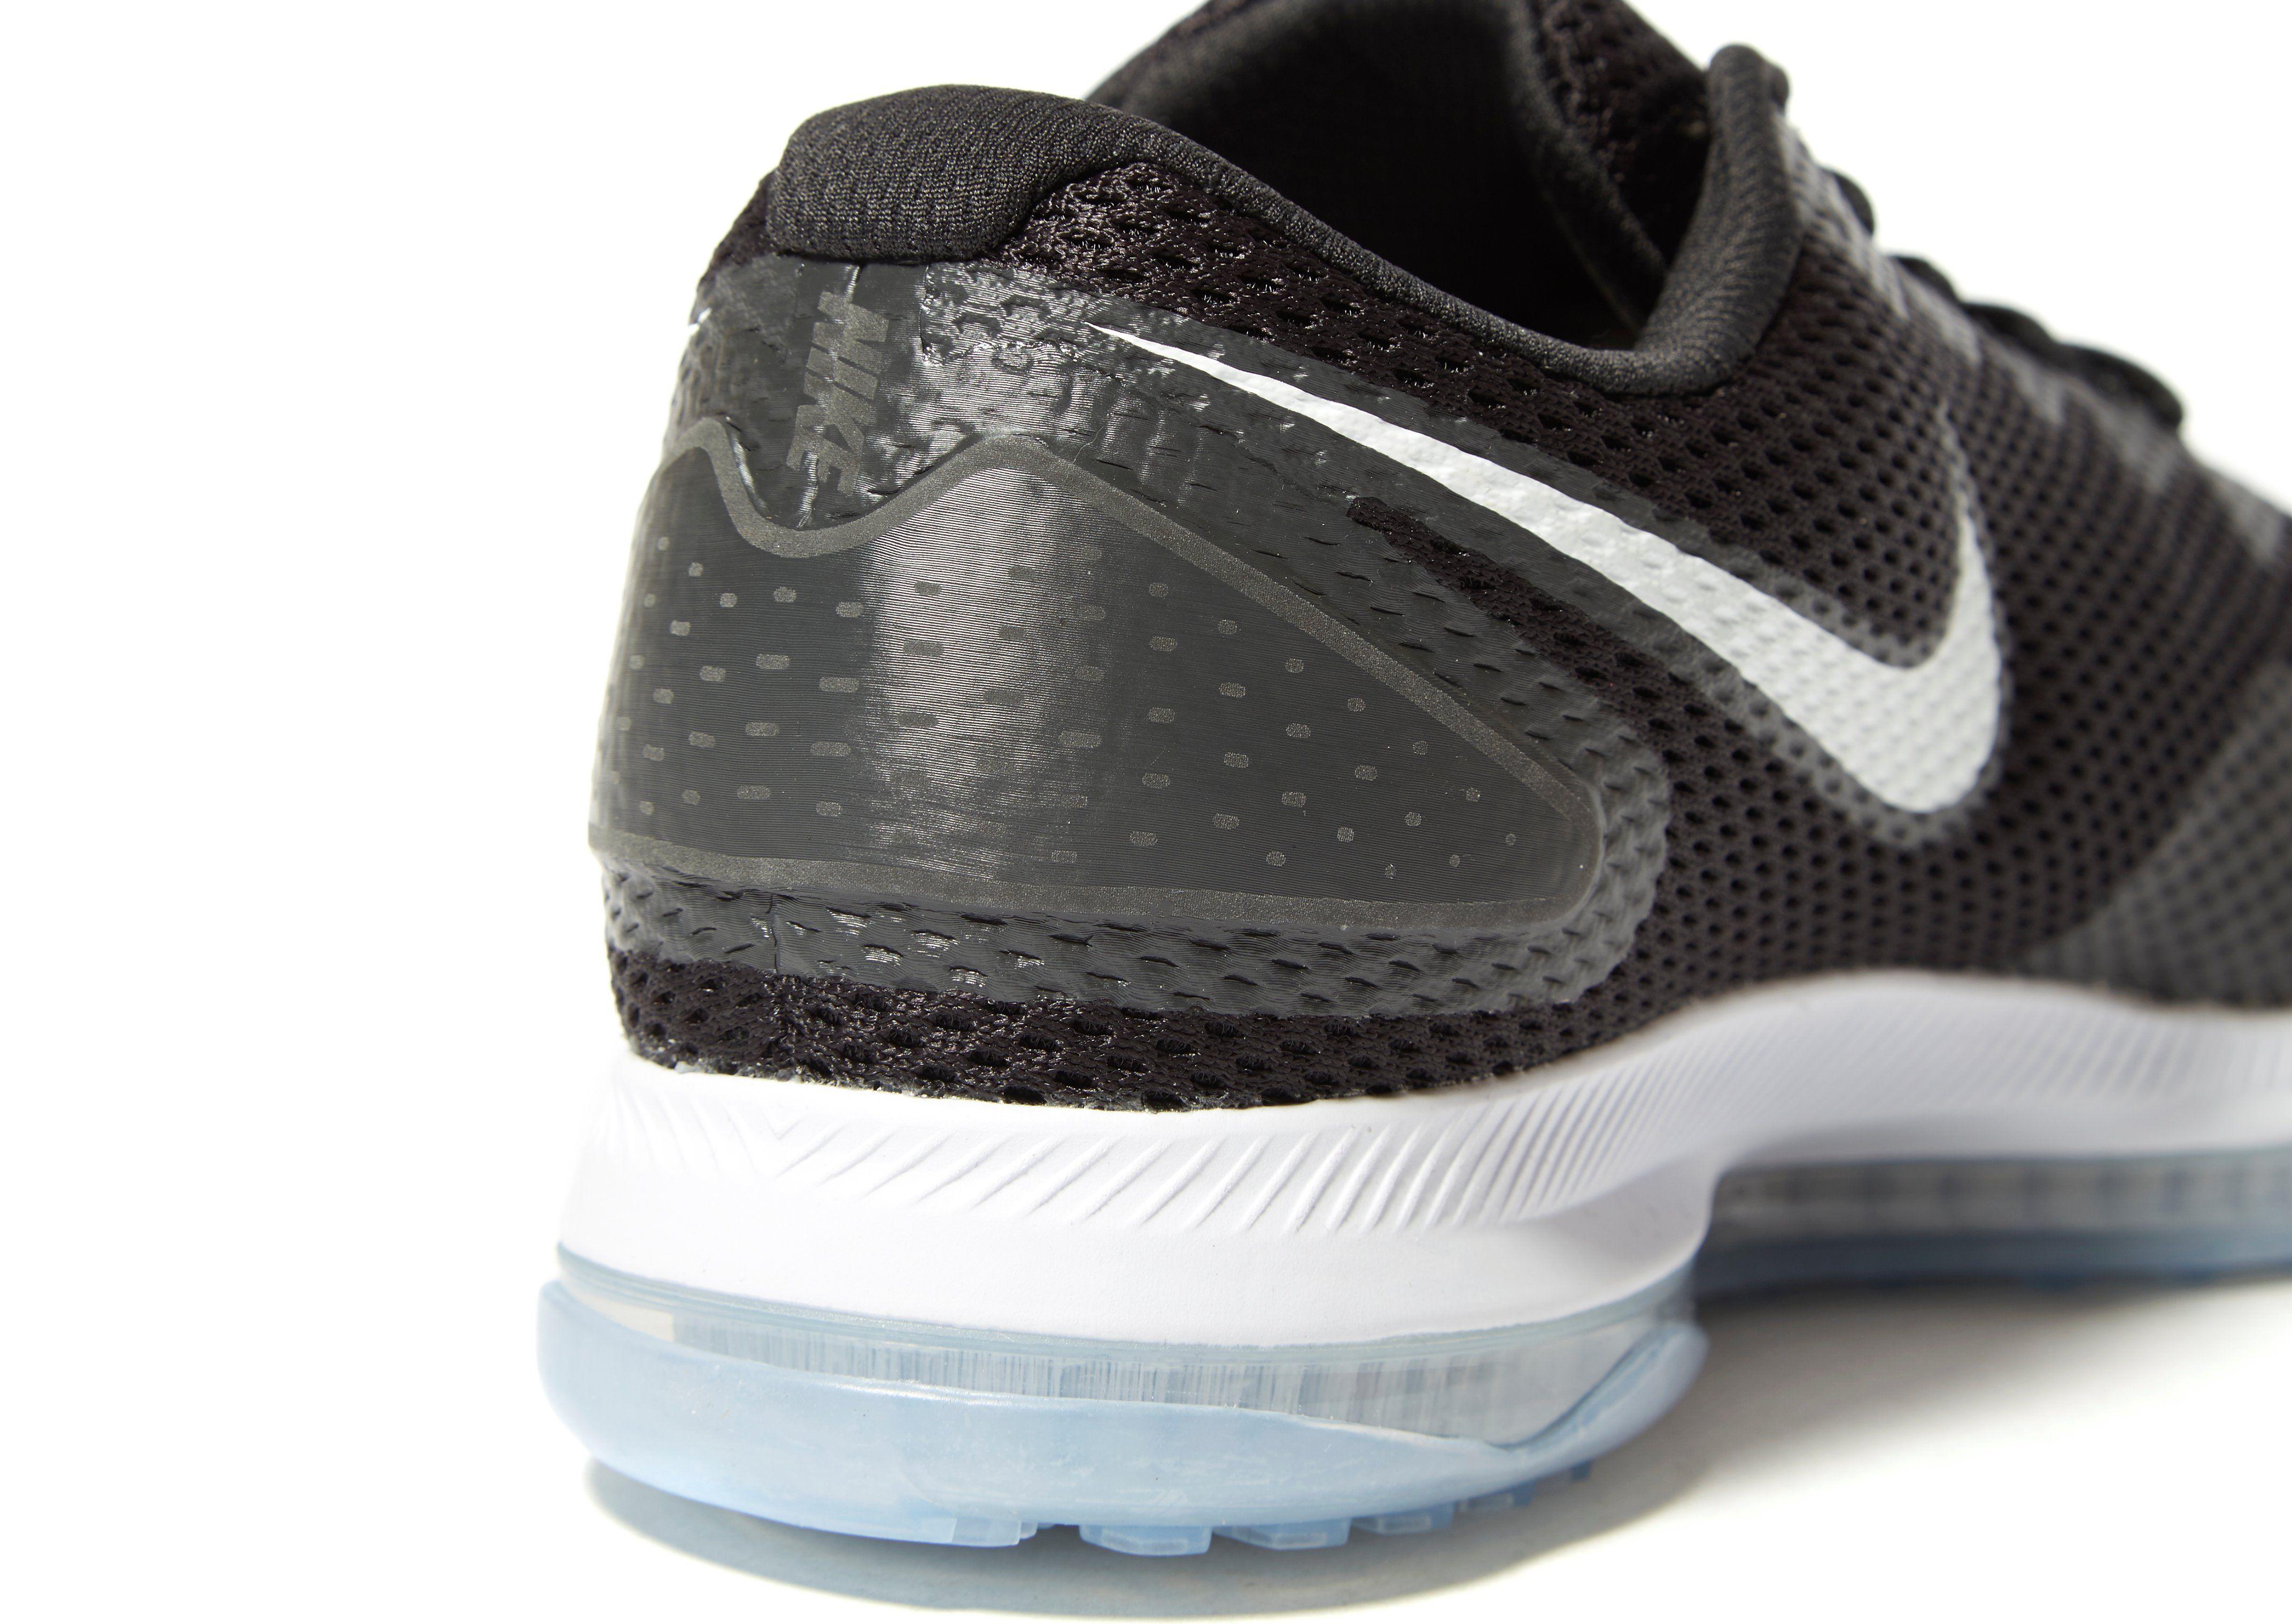 Nike Zoom All Out Low II Schwarz Spielraum Original Billig Verkauf Erschwinglich Zuverlässig Günstig Online Nicekicks Zum Verkauf xRnLCjC